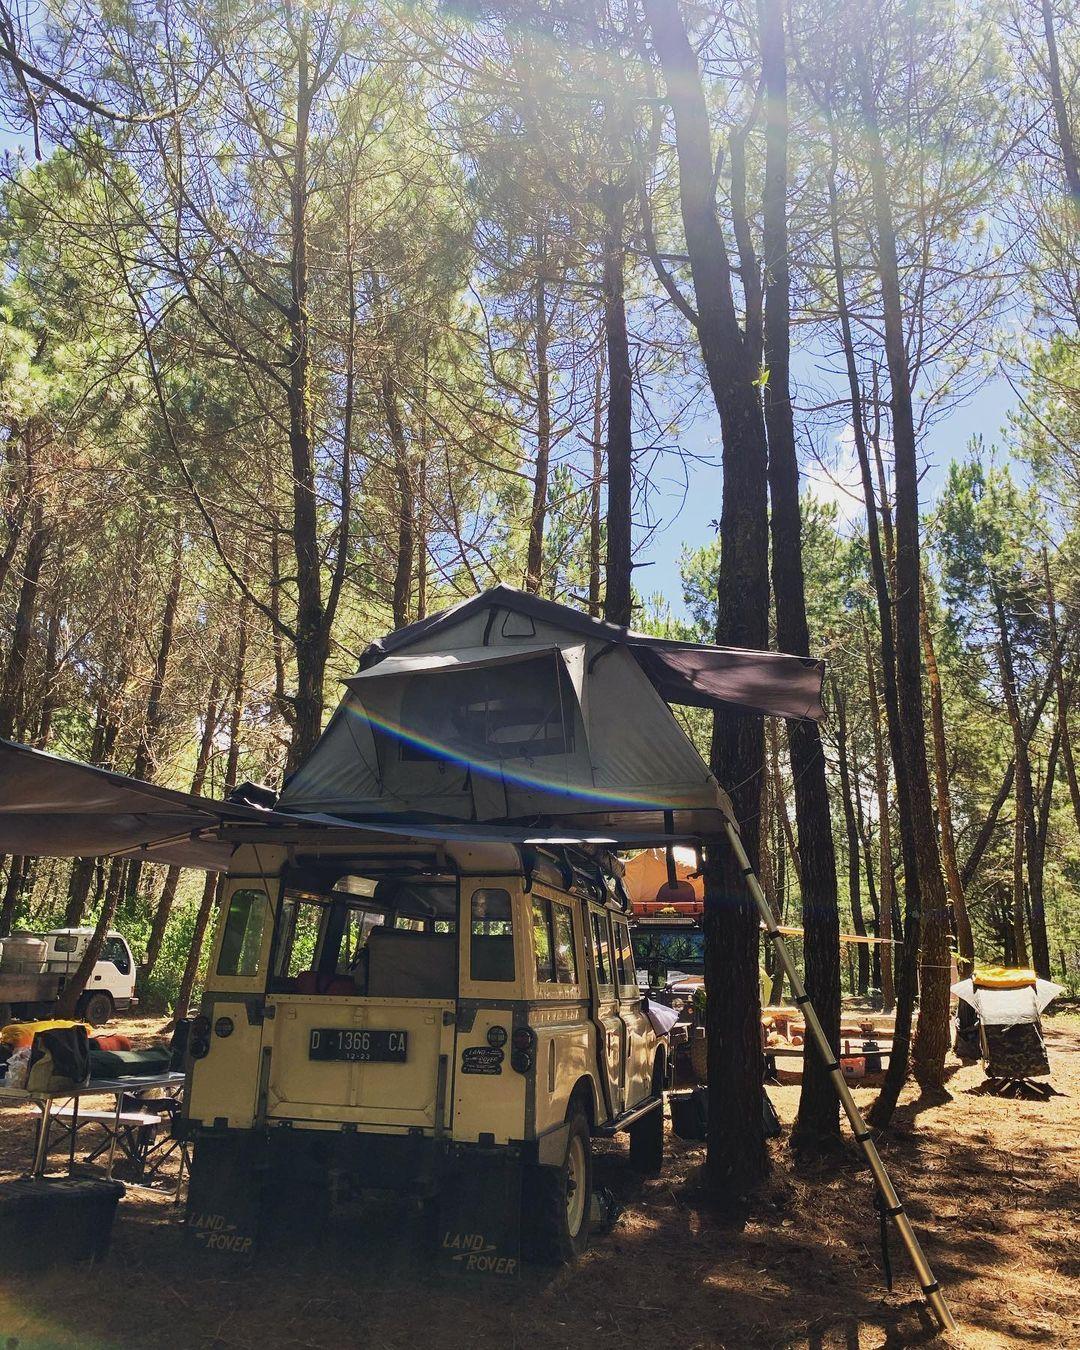 Camper Van Di Jungle Milk Lembang Image From @antinadzarini